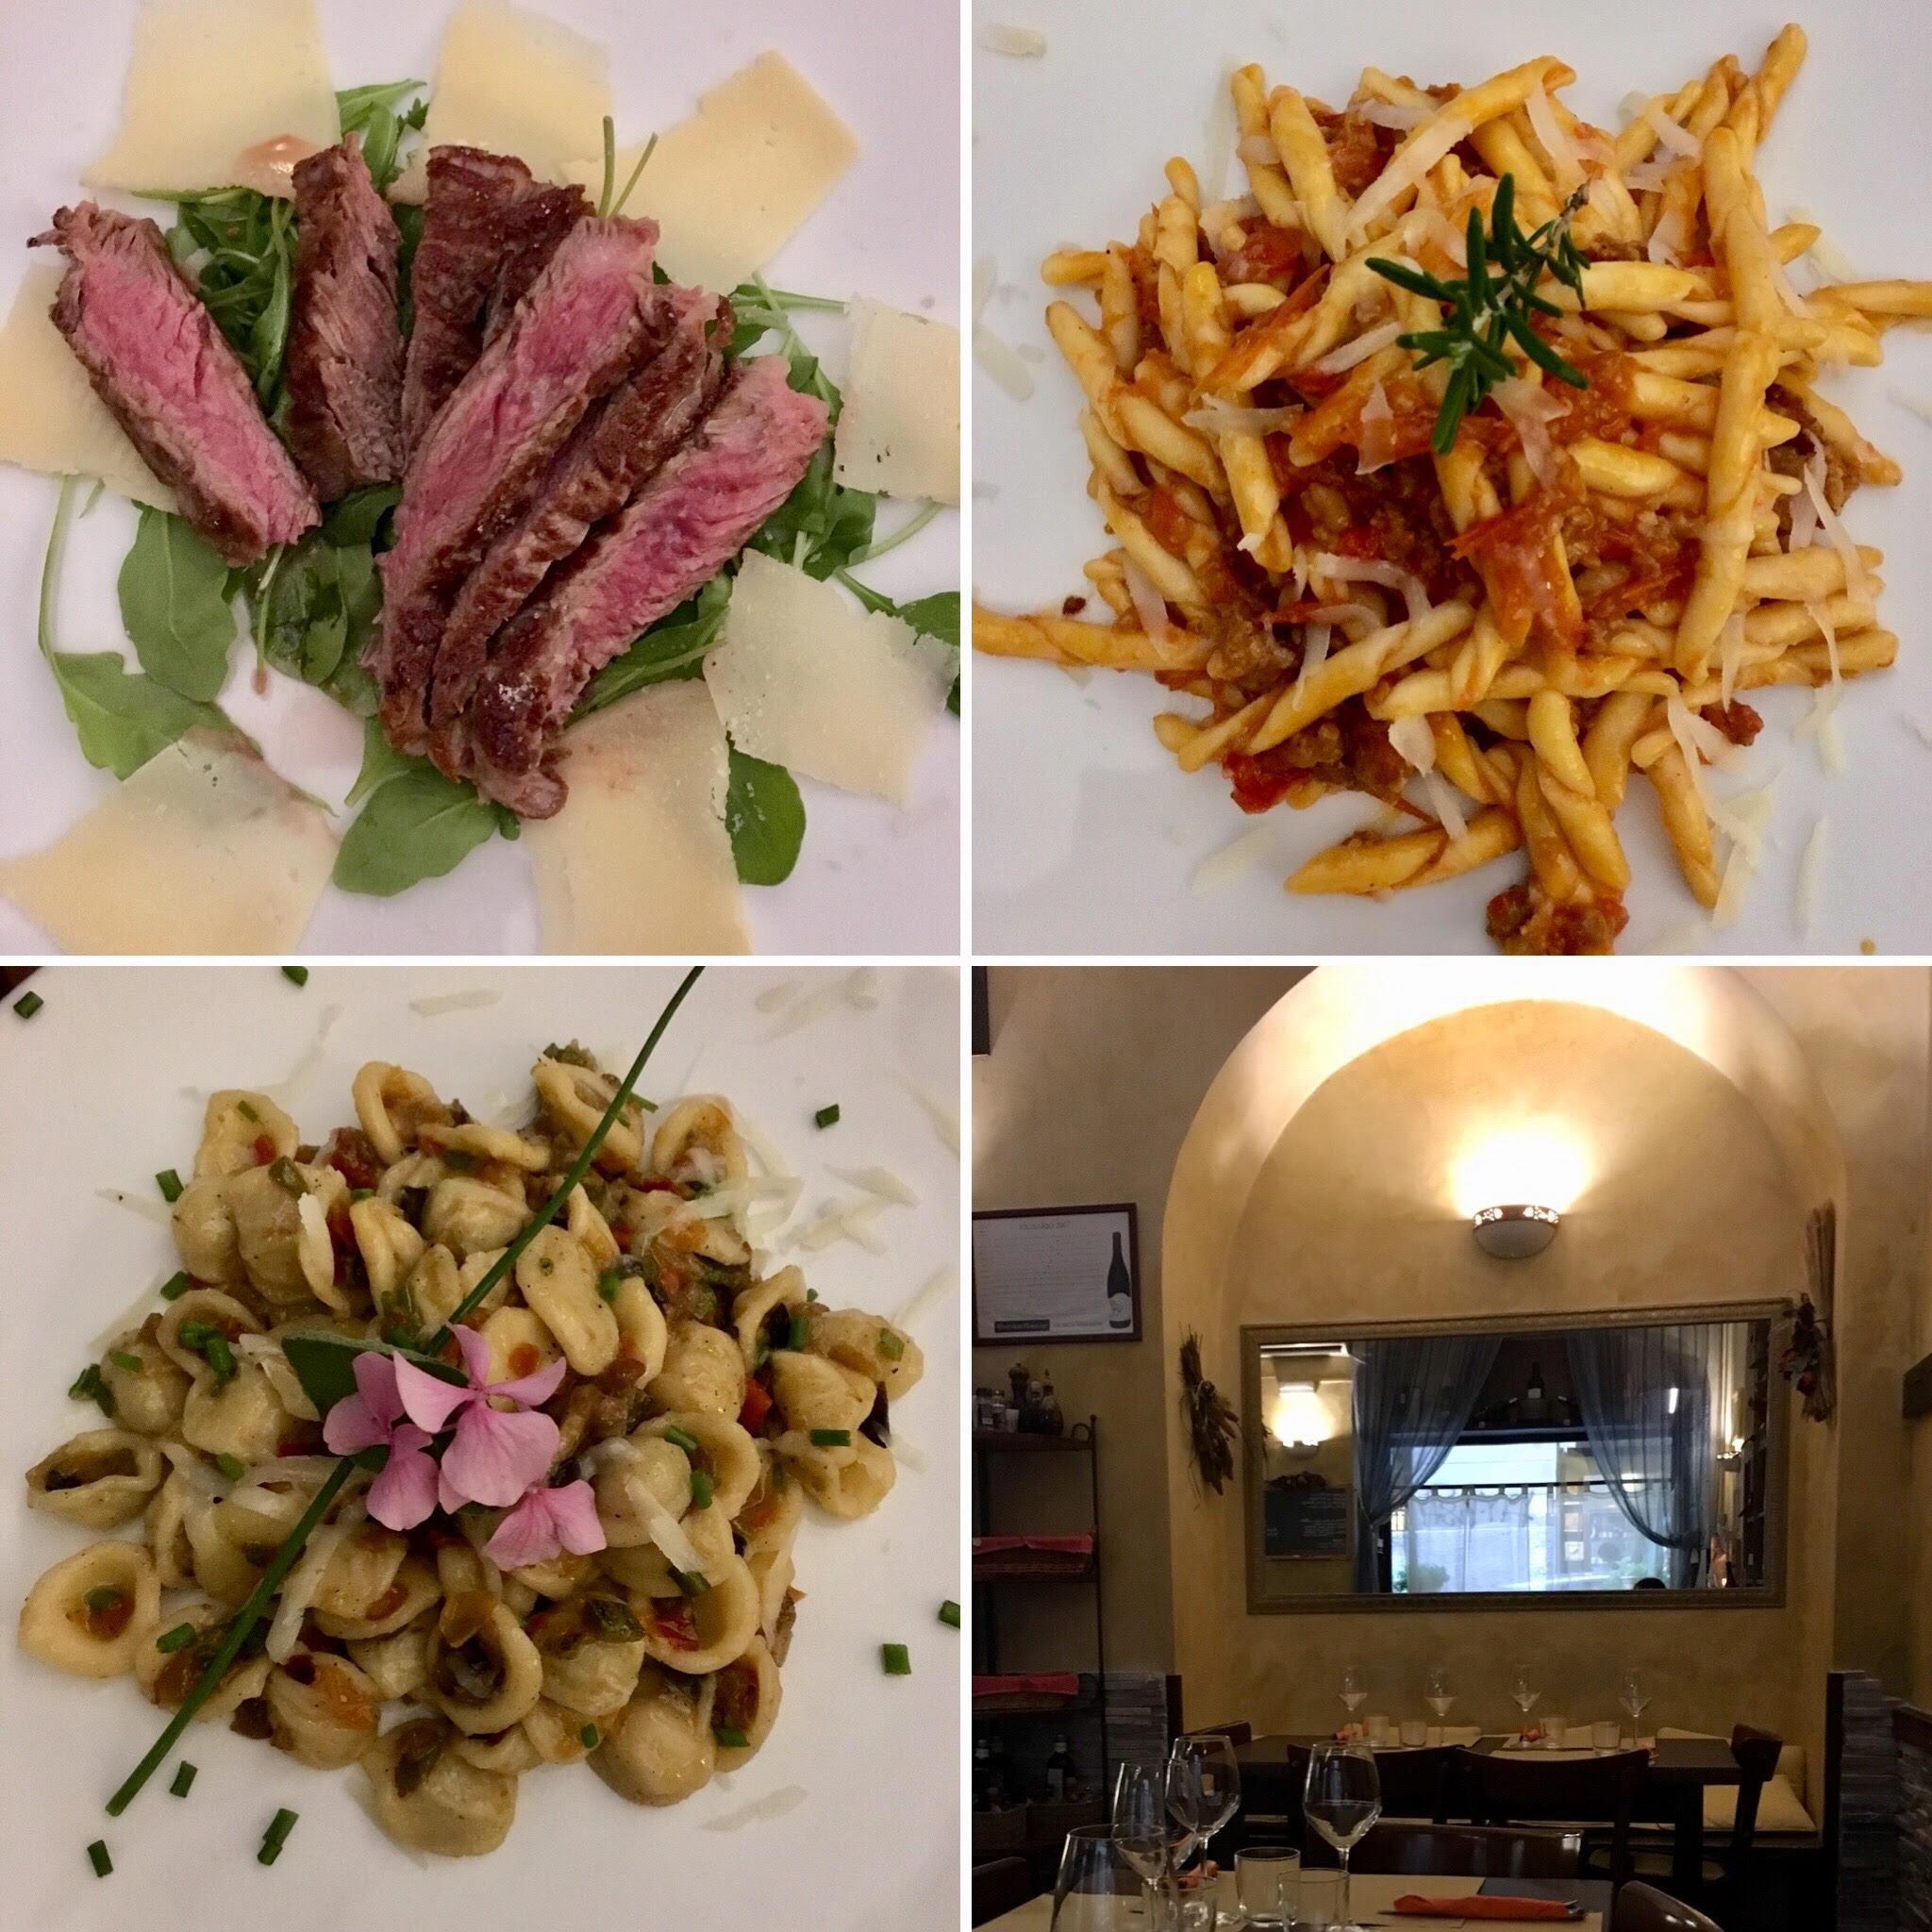 פסטה ובשרים במסעדת Tavernetta (צילום: הילי ברוק בלום)